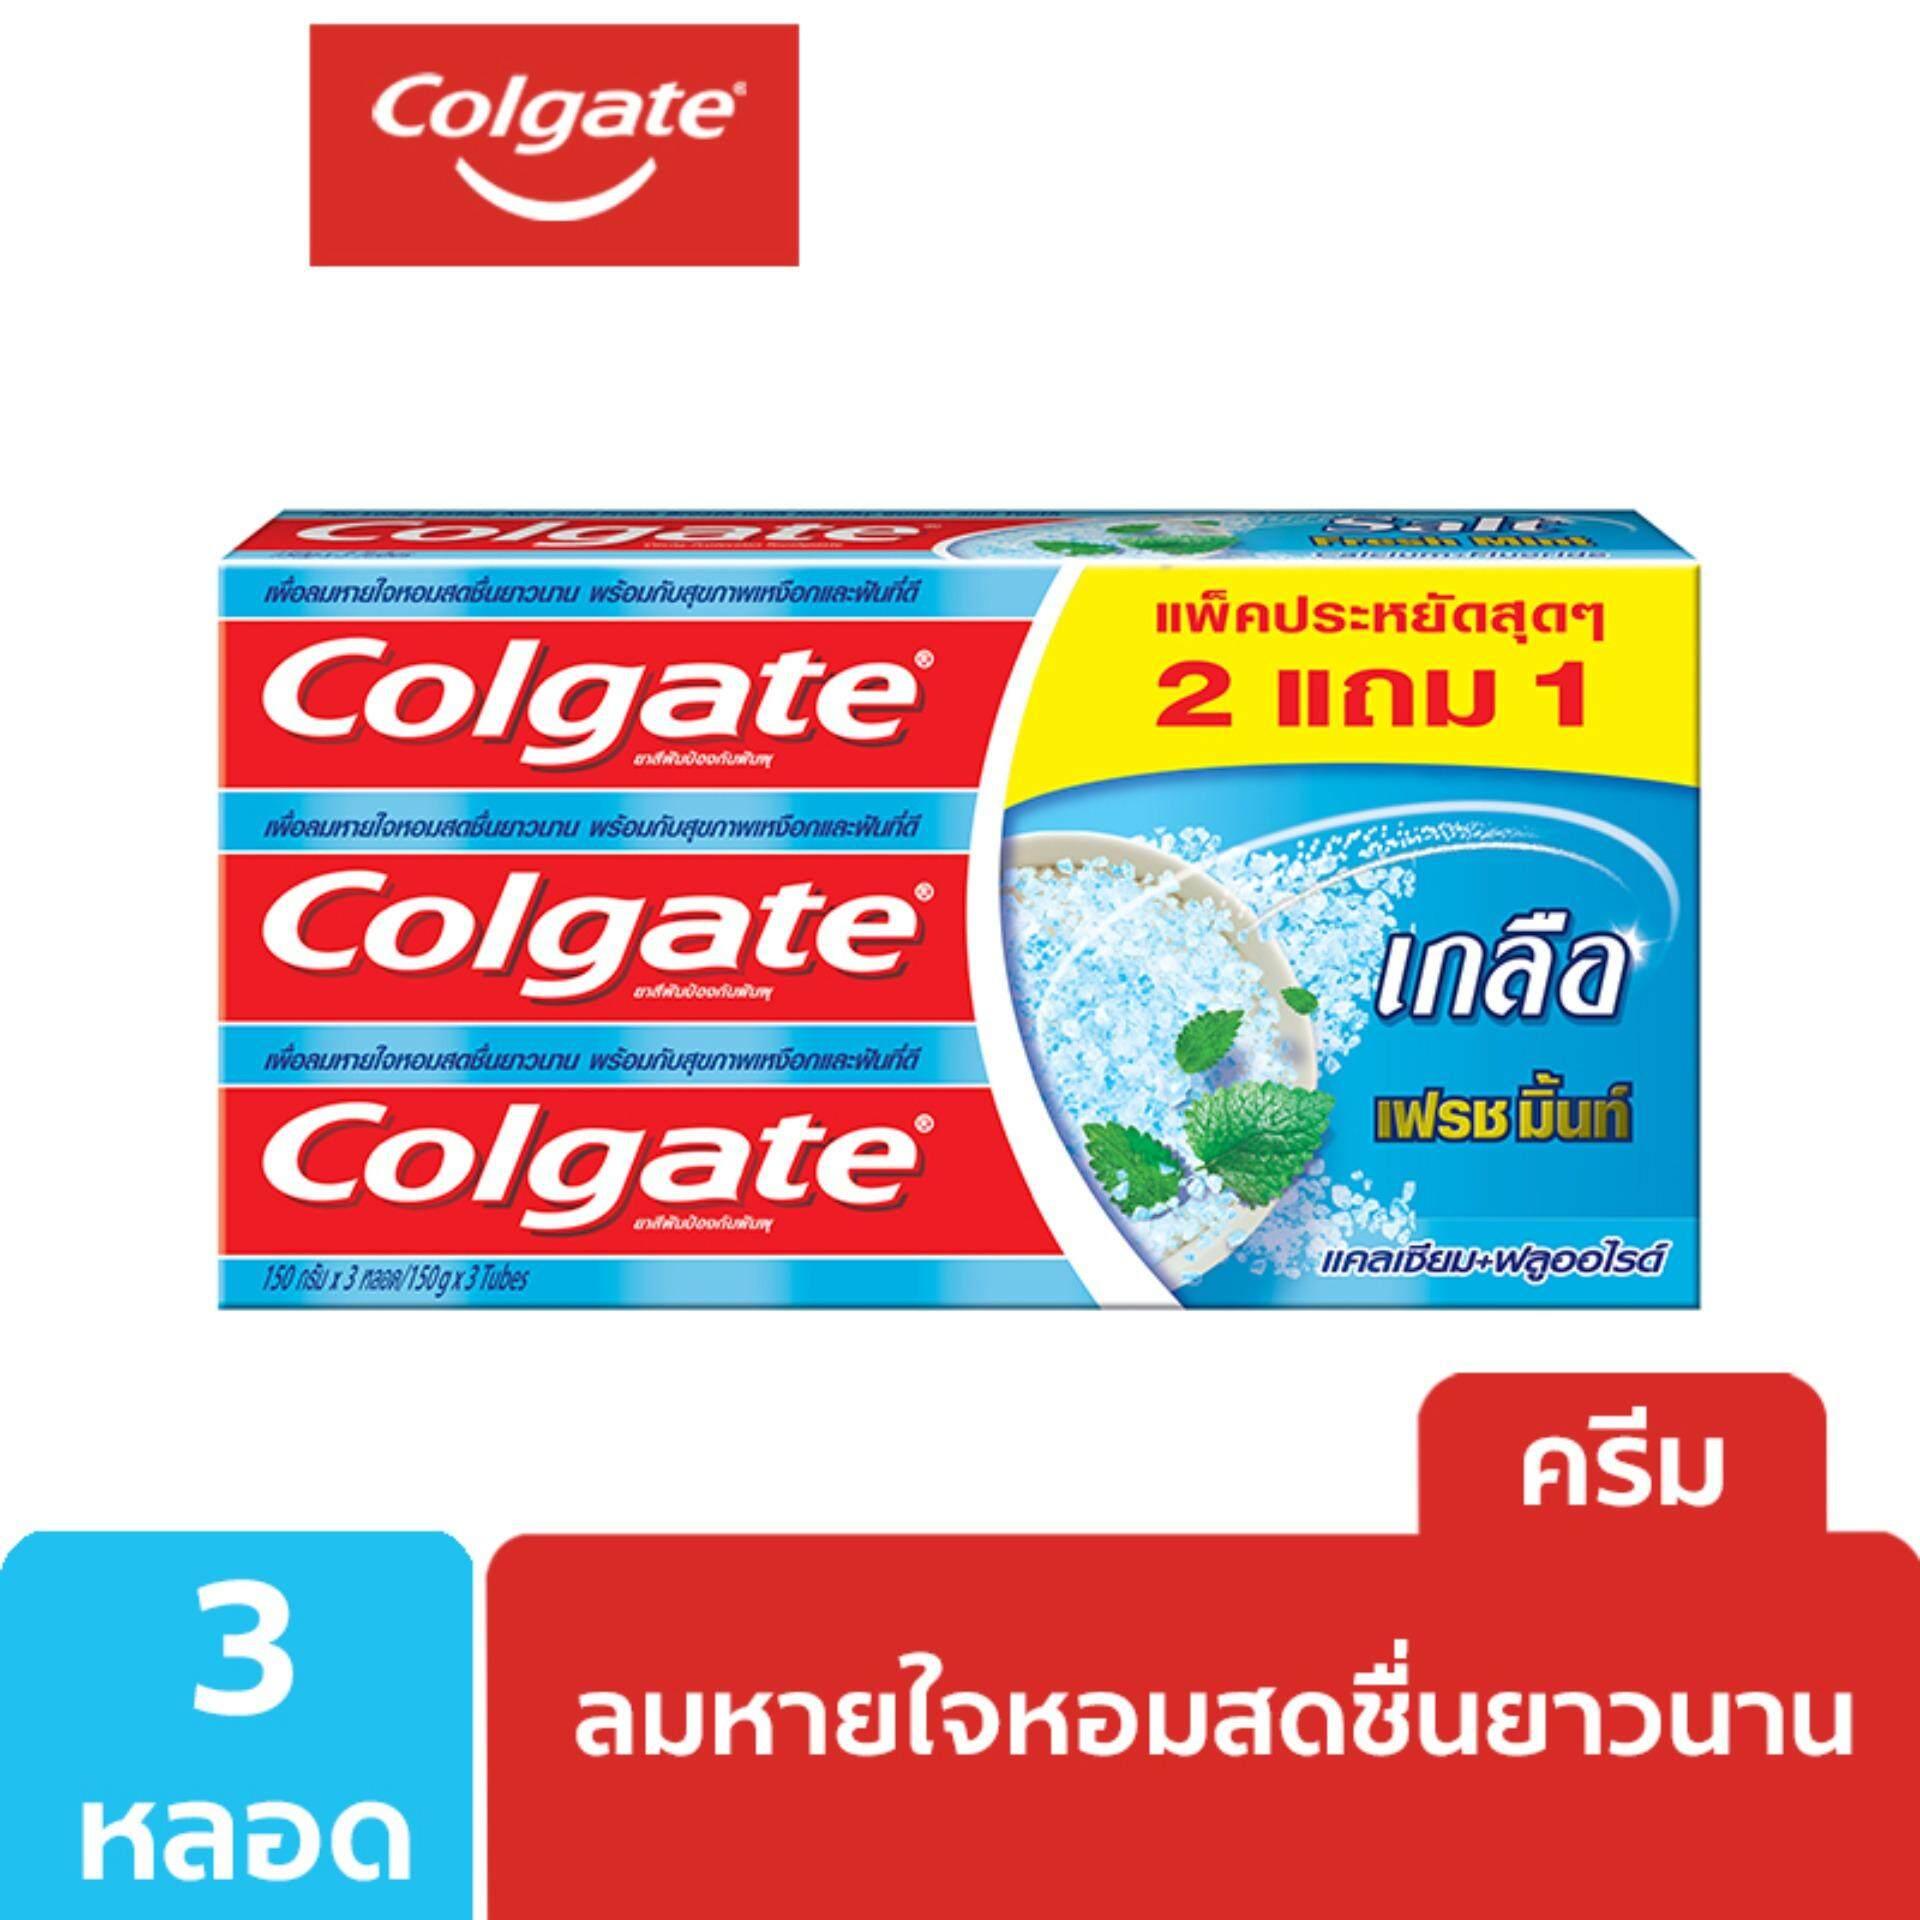 ยาสีฟัน คอลเกต เกลือ เฟรช มิ้นท์ 150 กรัม แพ็ค 3 หลอด (ครีม) Colgate Salt Fresh Mint Toothpaste 150 G. Triple Pack (paste).